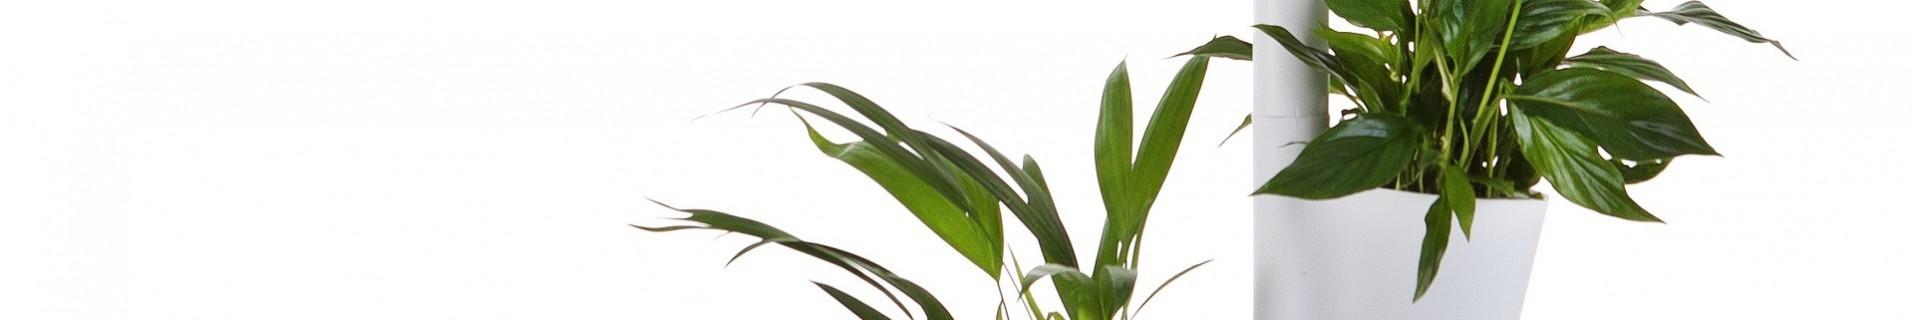 Macetas en vertical con riego automático. Maceteros verticales con autorriego, más plantas en casa o la oficina.